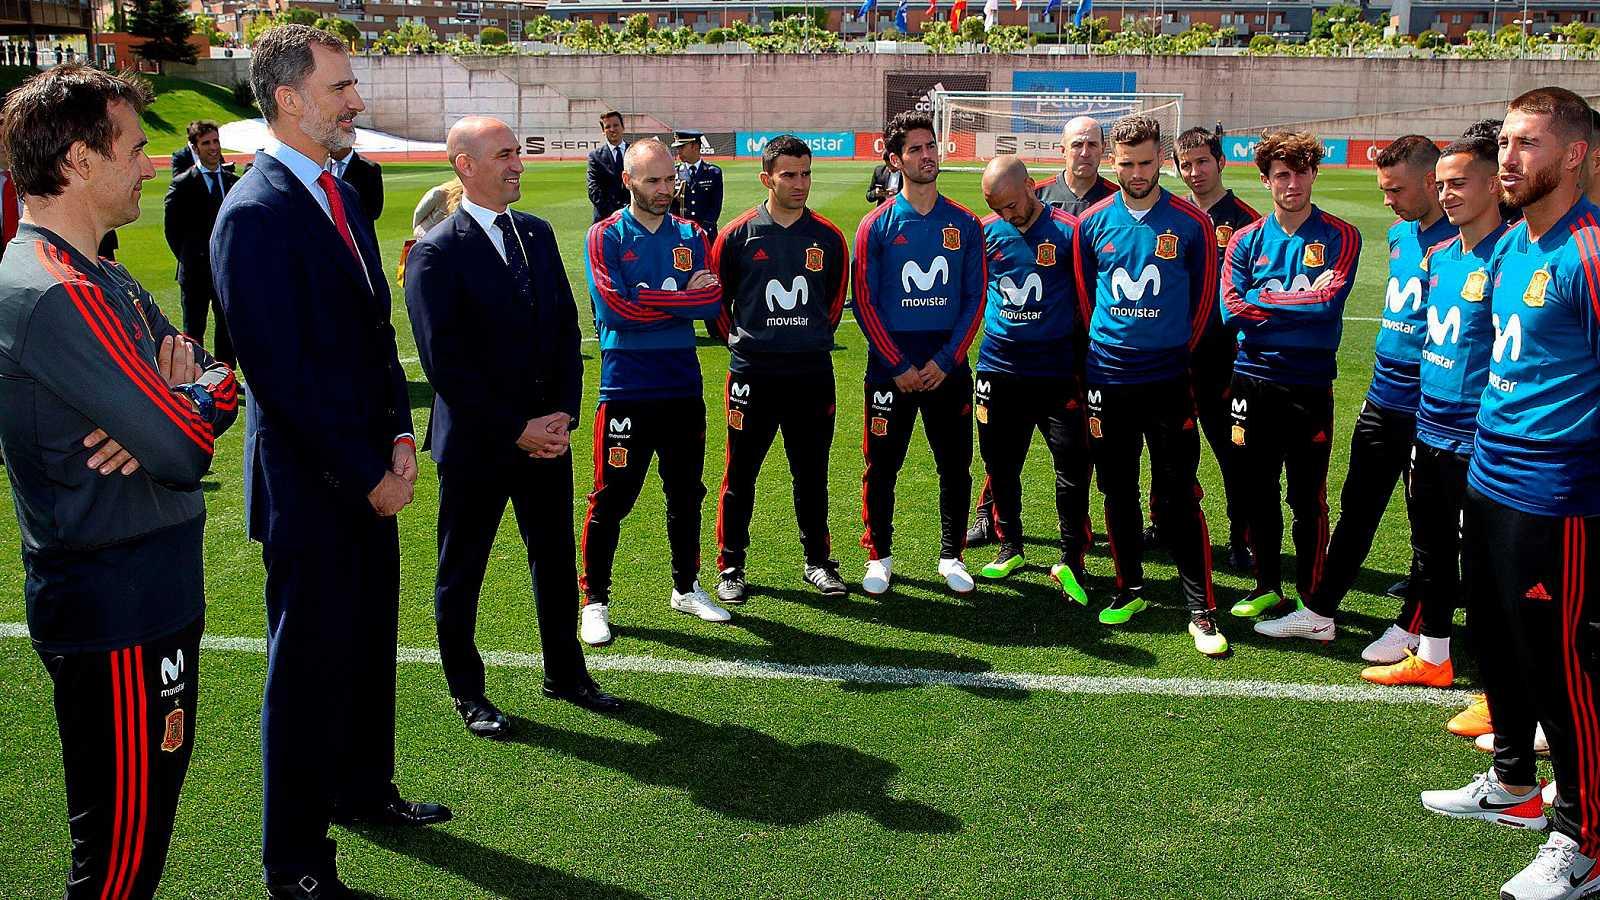 El Rey Felipe VI ha despedido a los integrantes de la la selección española de fútbol que este jueves viajarán a Krasnodar para disputar el Mundial de Rusia, que arranca en una semana.